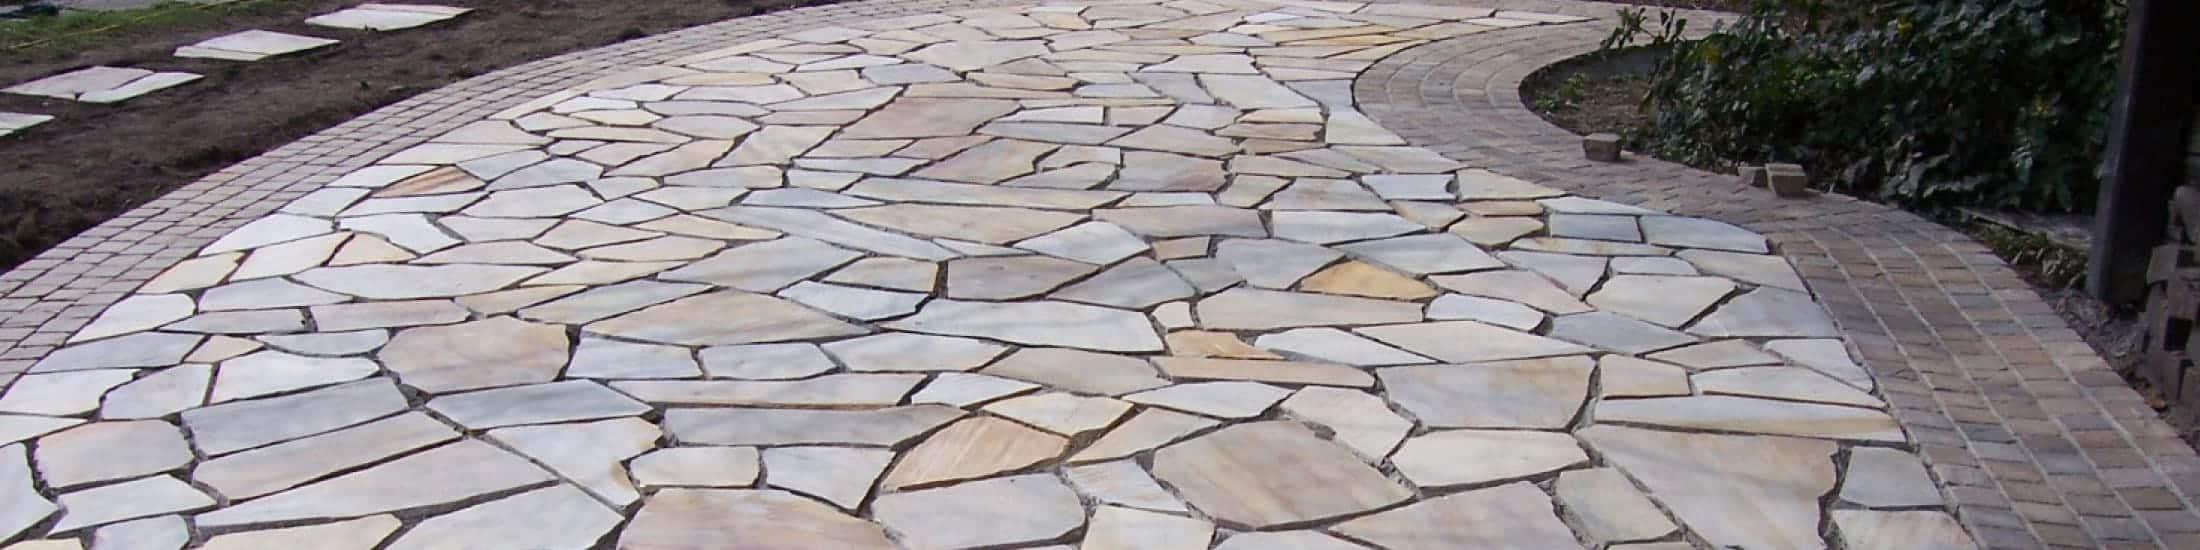 Pflasterungen aus Natursteinen, Bannwegbau Saarlouis